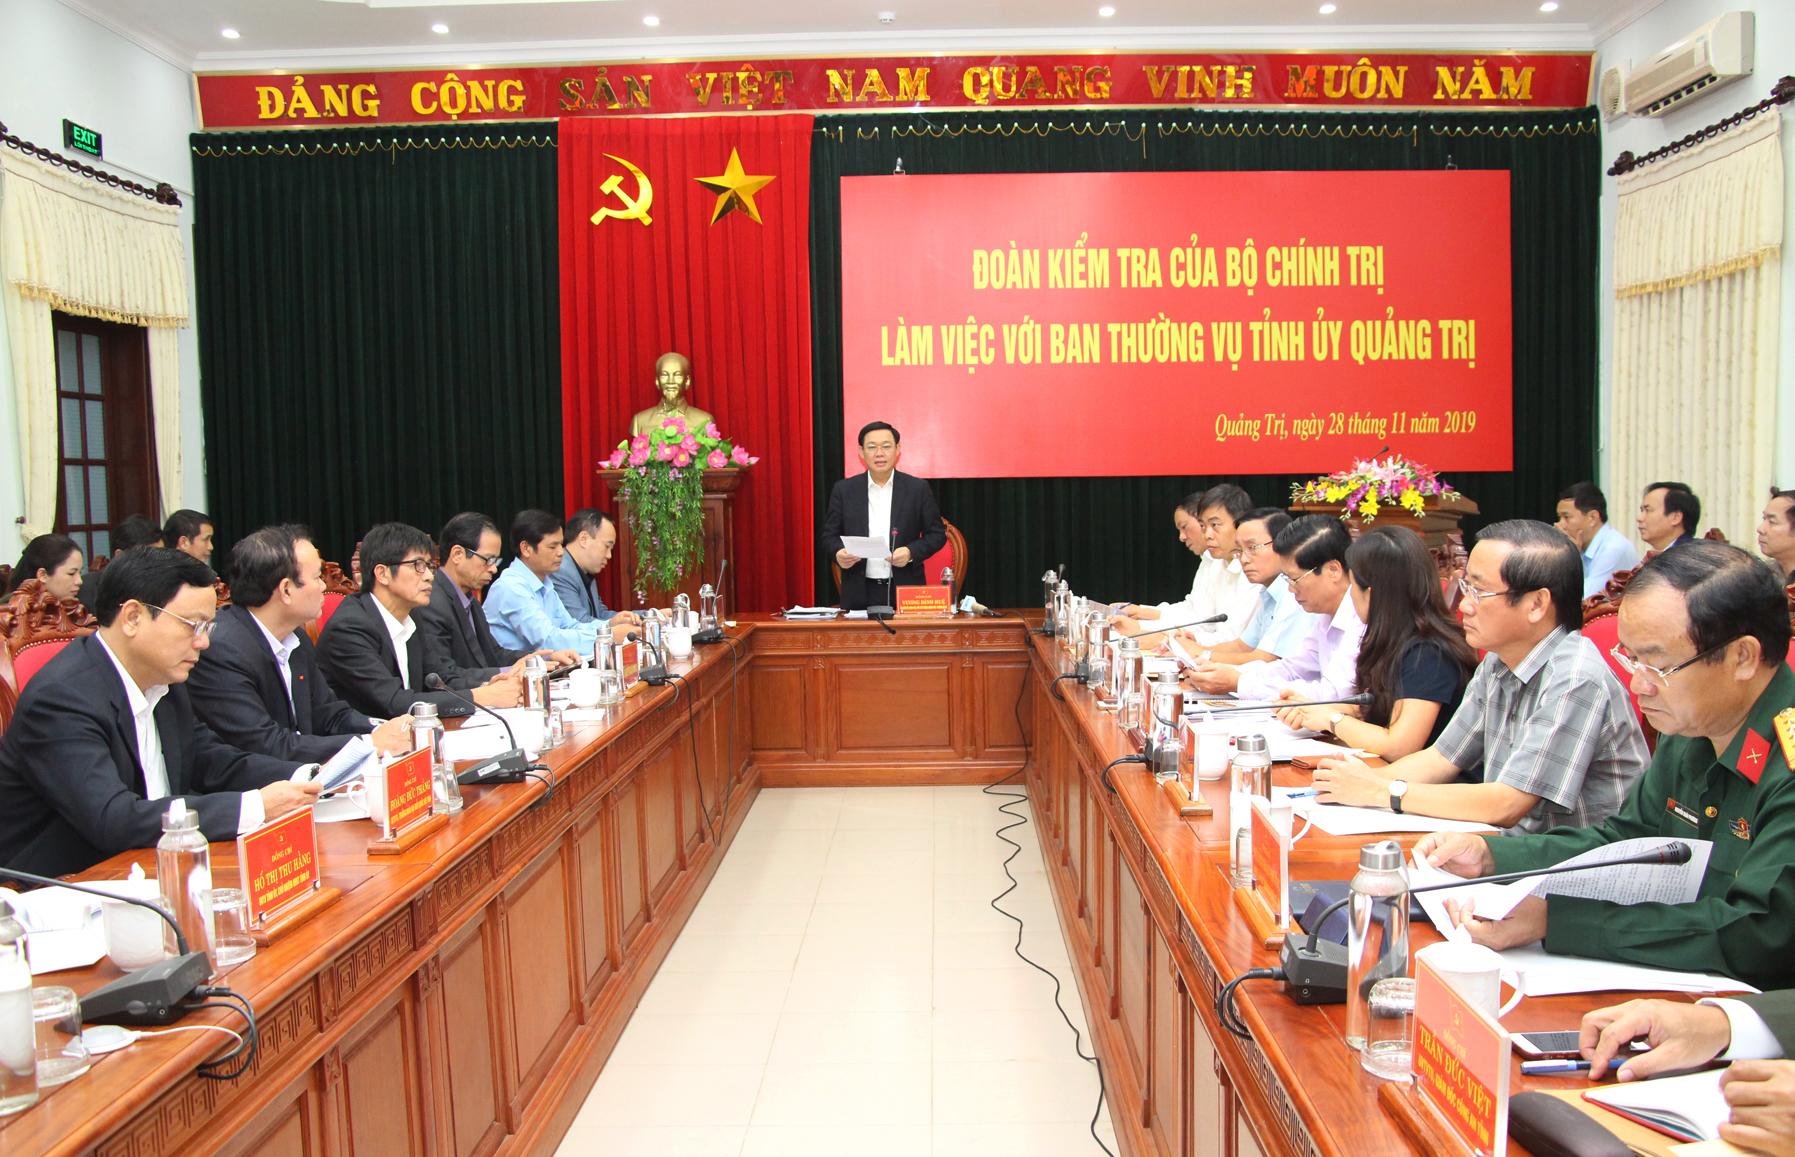 Đoàn kiểm tra của Bộ Chính trị làm việc với Ban Thường vụ Tỉnh ủy Quảng Trị